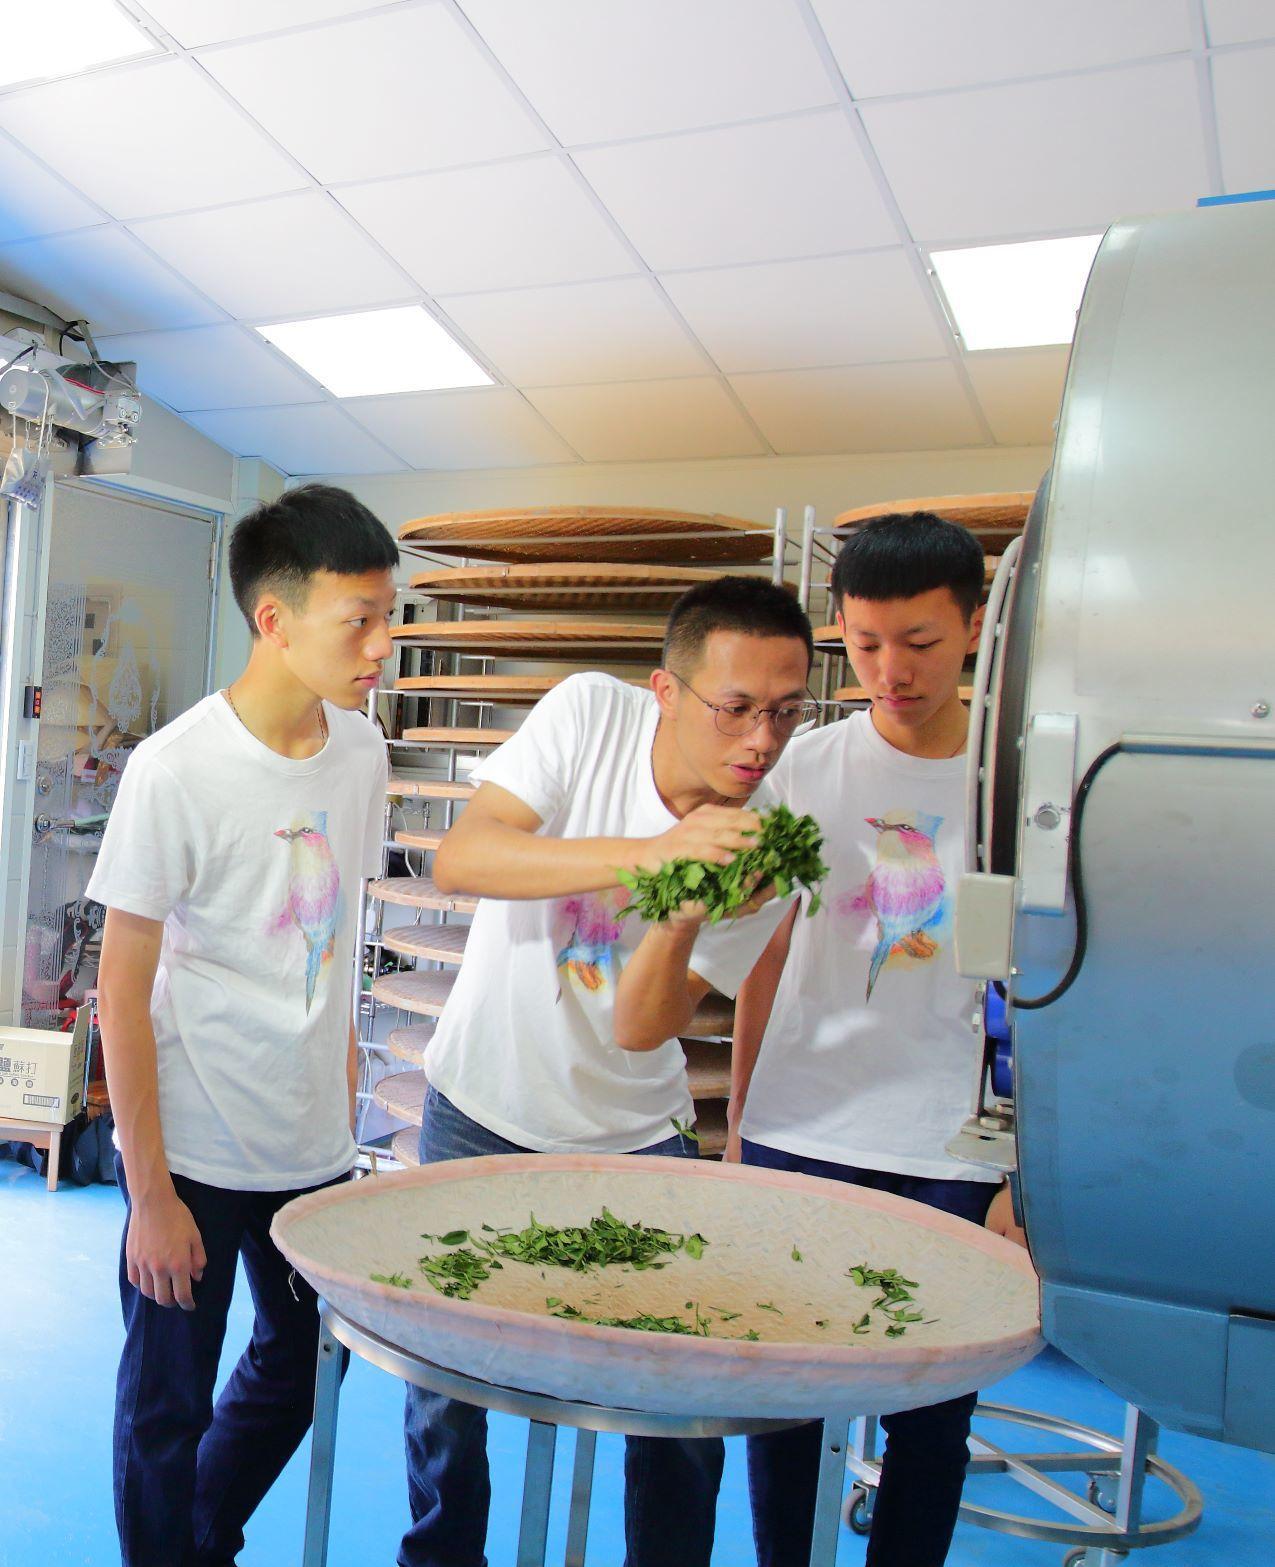 雙胞胎李柏儒、李璟旻跟父親學習如何製茶。圖/新北市農業局提供